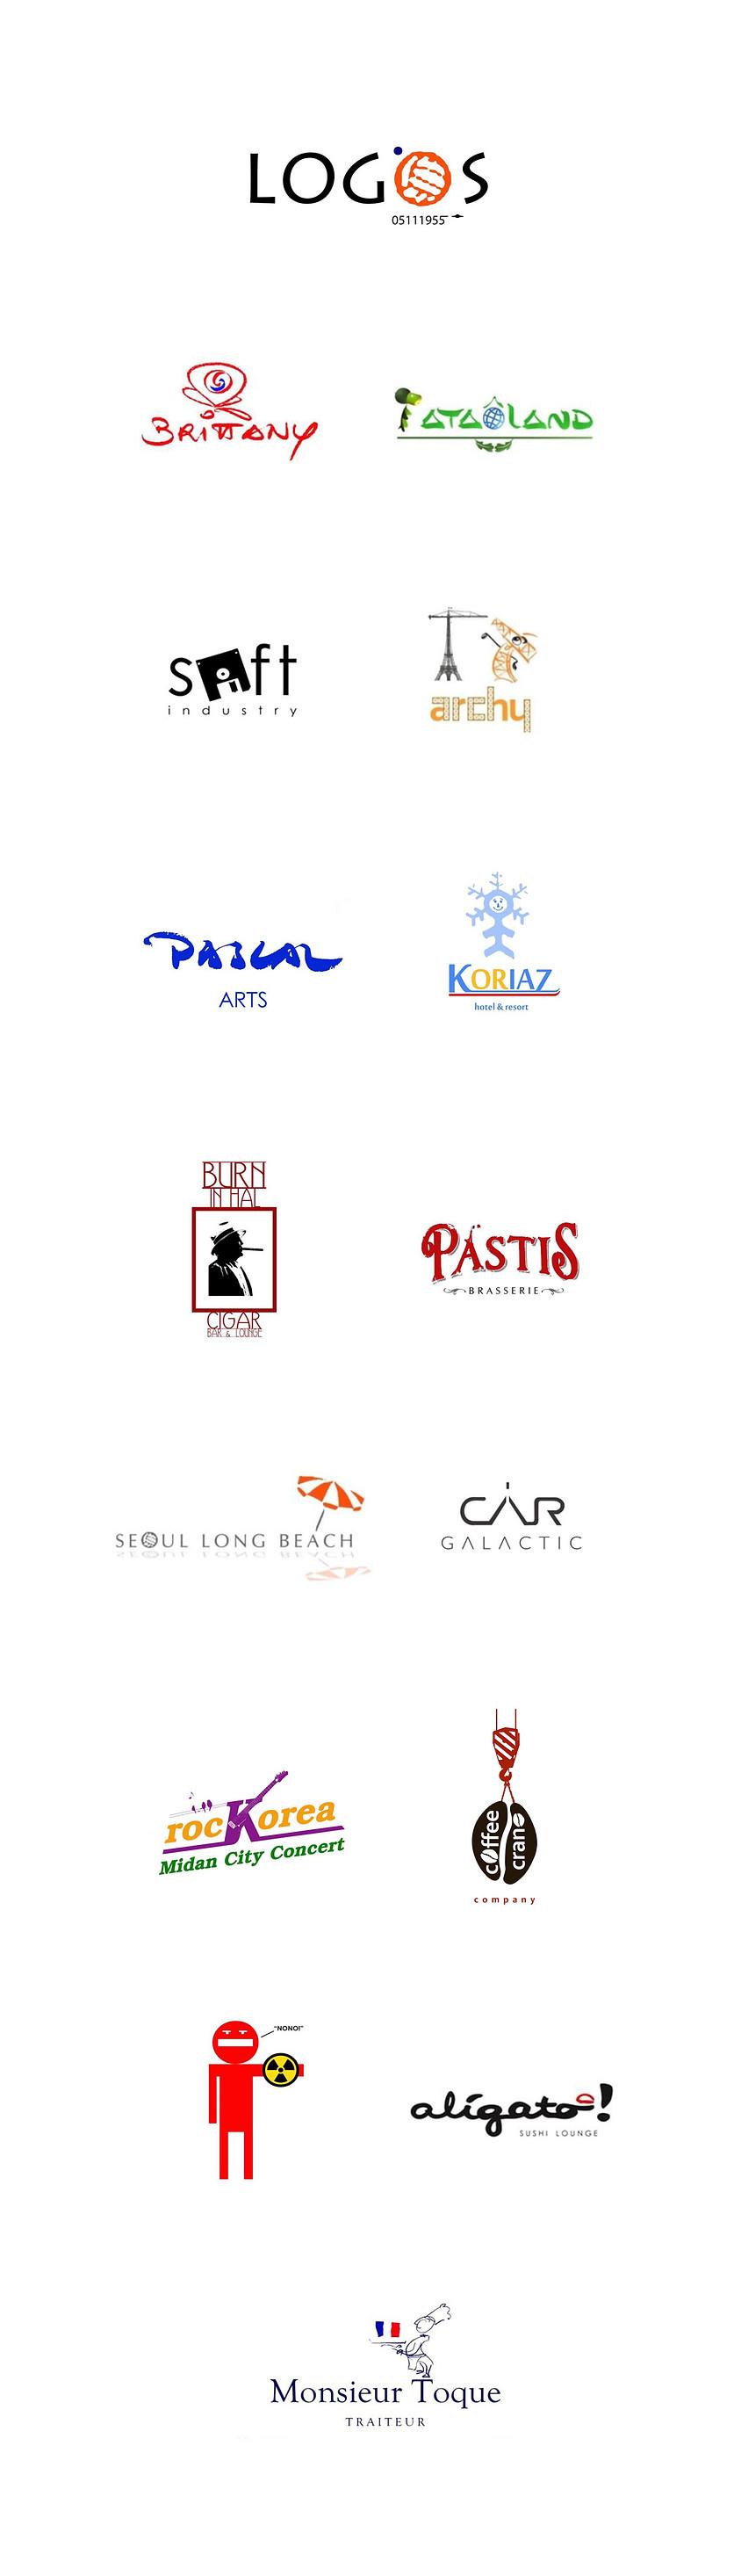 Logos Pascal.jpg